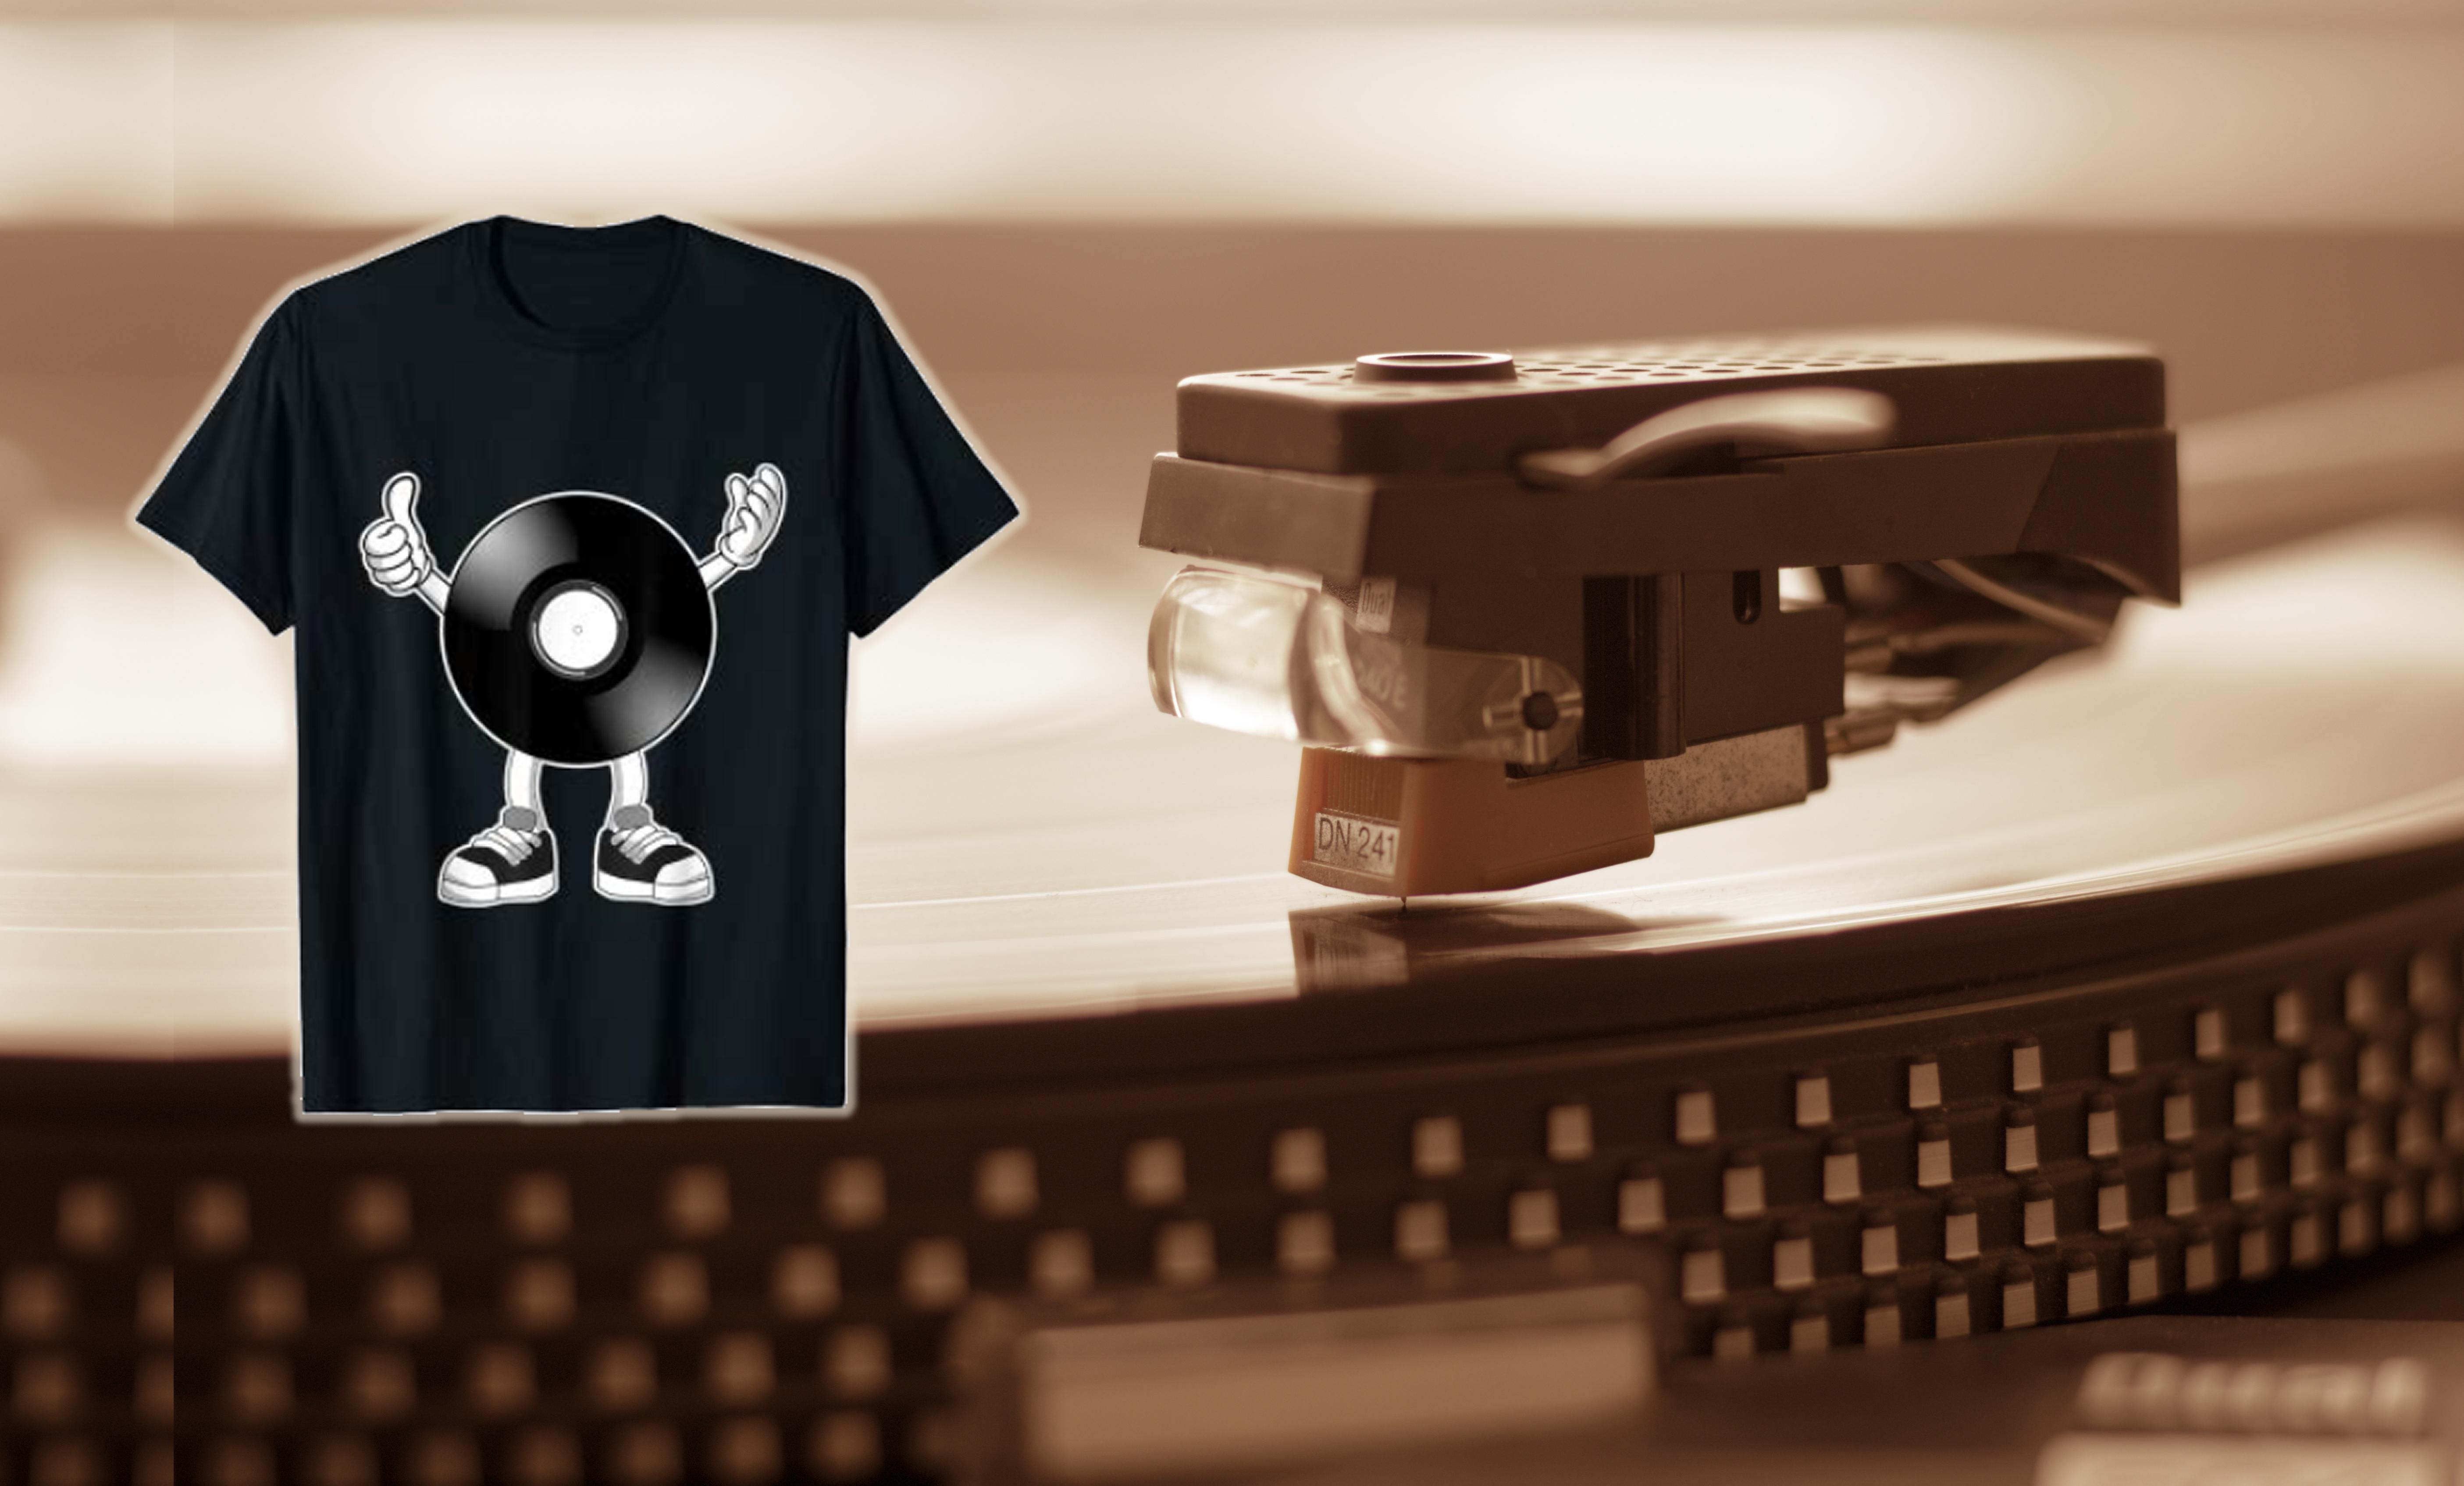 mix1 praesentiert Vinyl-Liebhaber T-Shirt